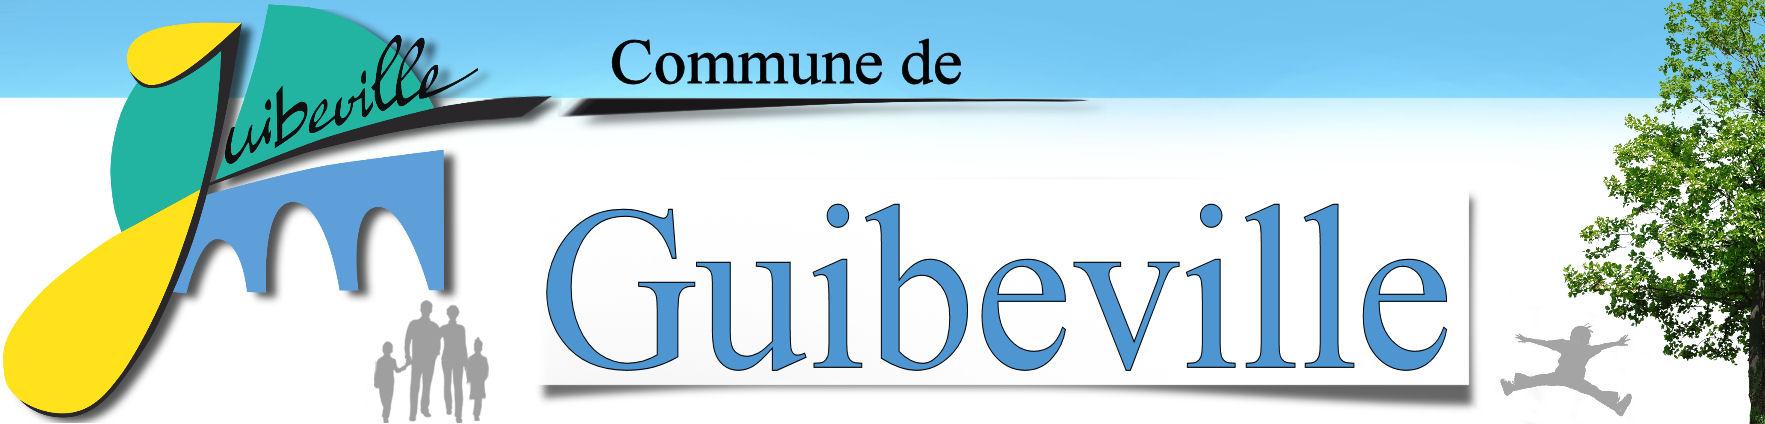 Commune de Guibeville